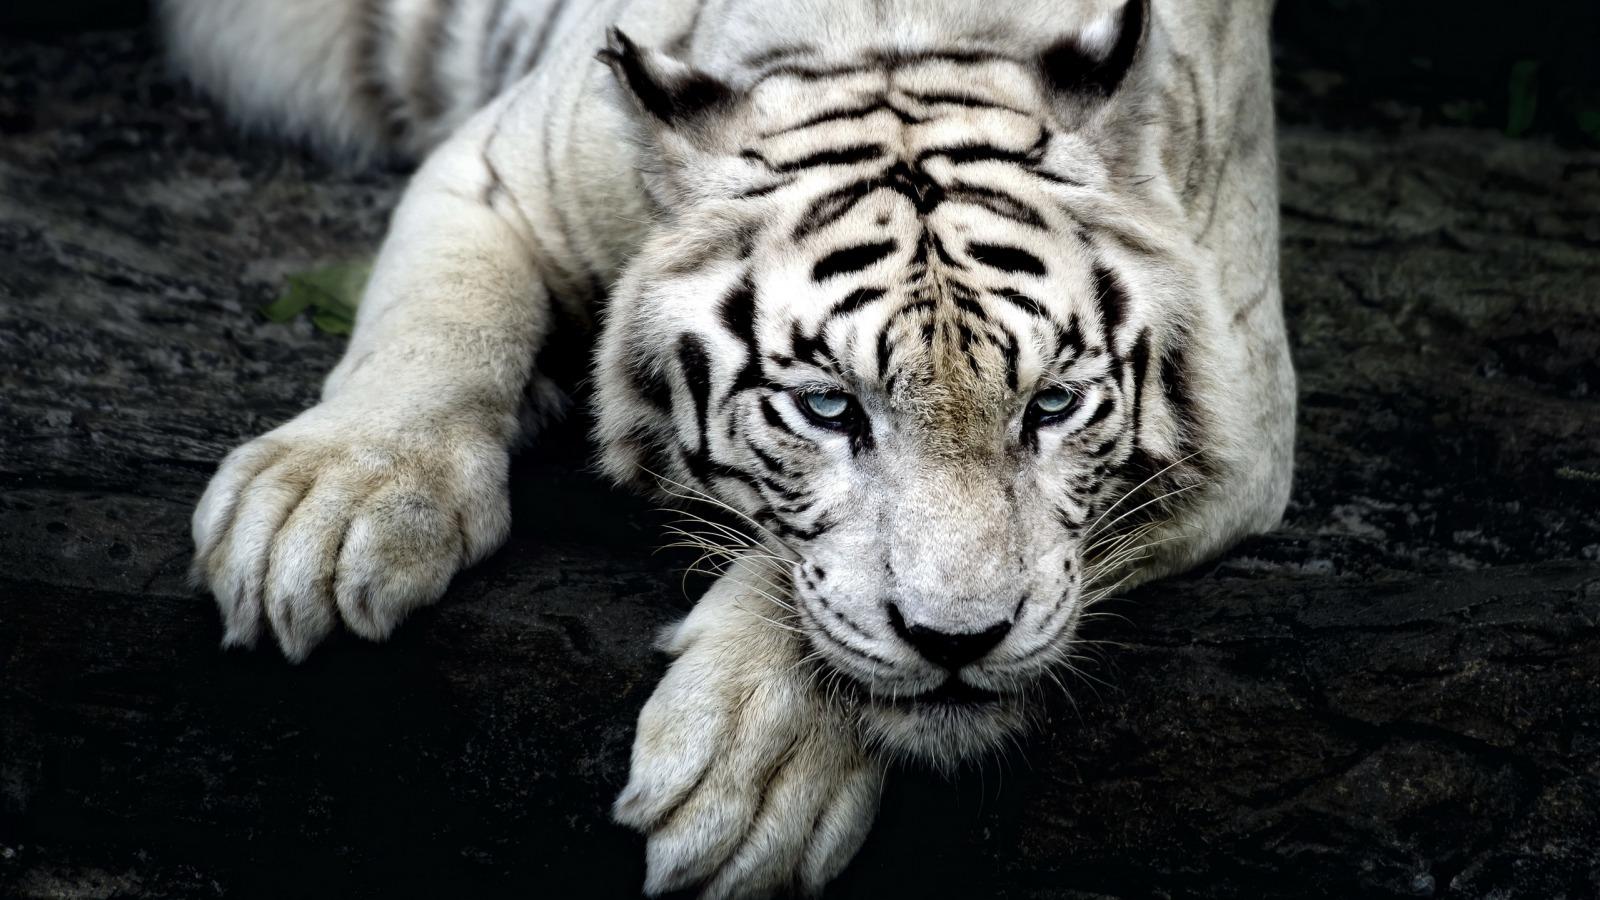 壁纸 动物 虎 老虎 桌面 1600_900